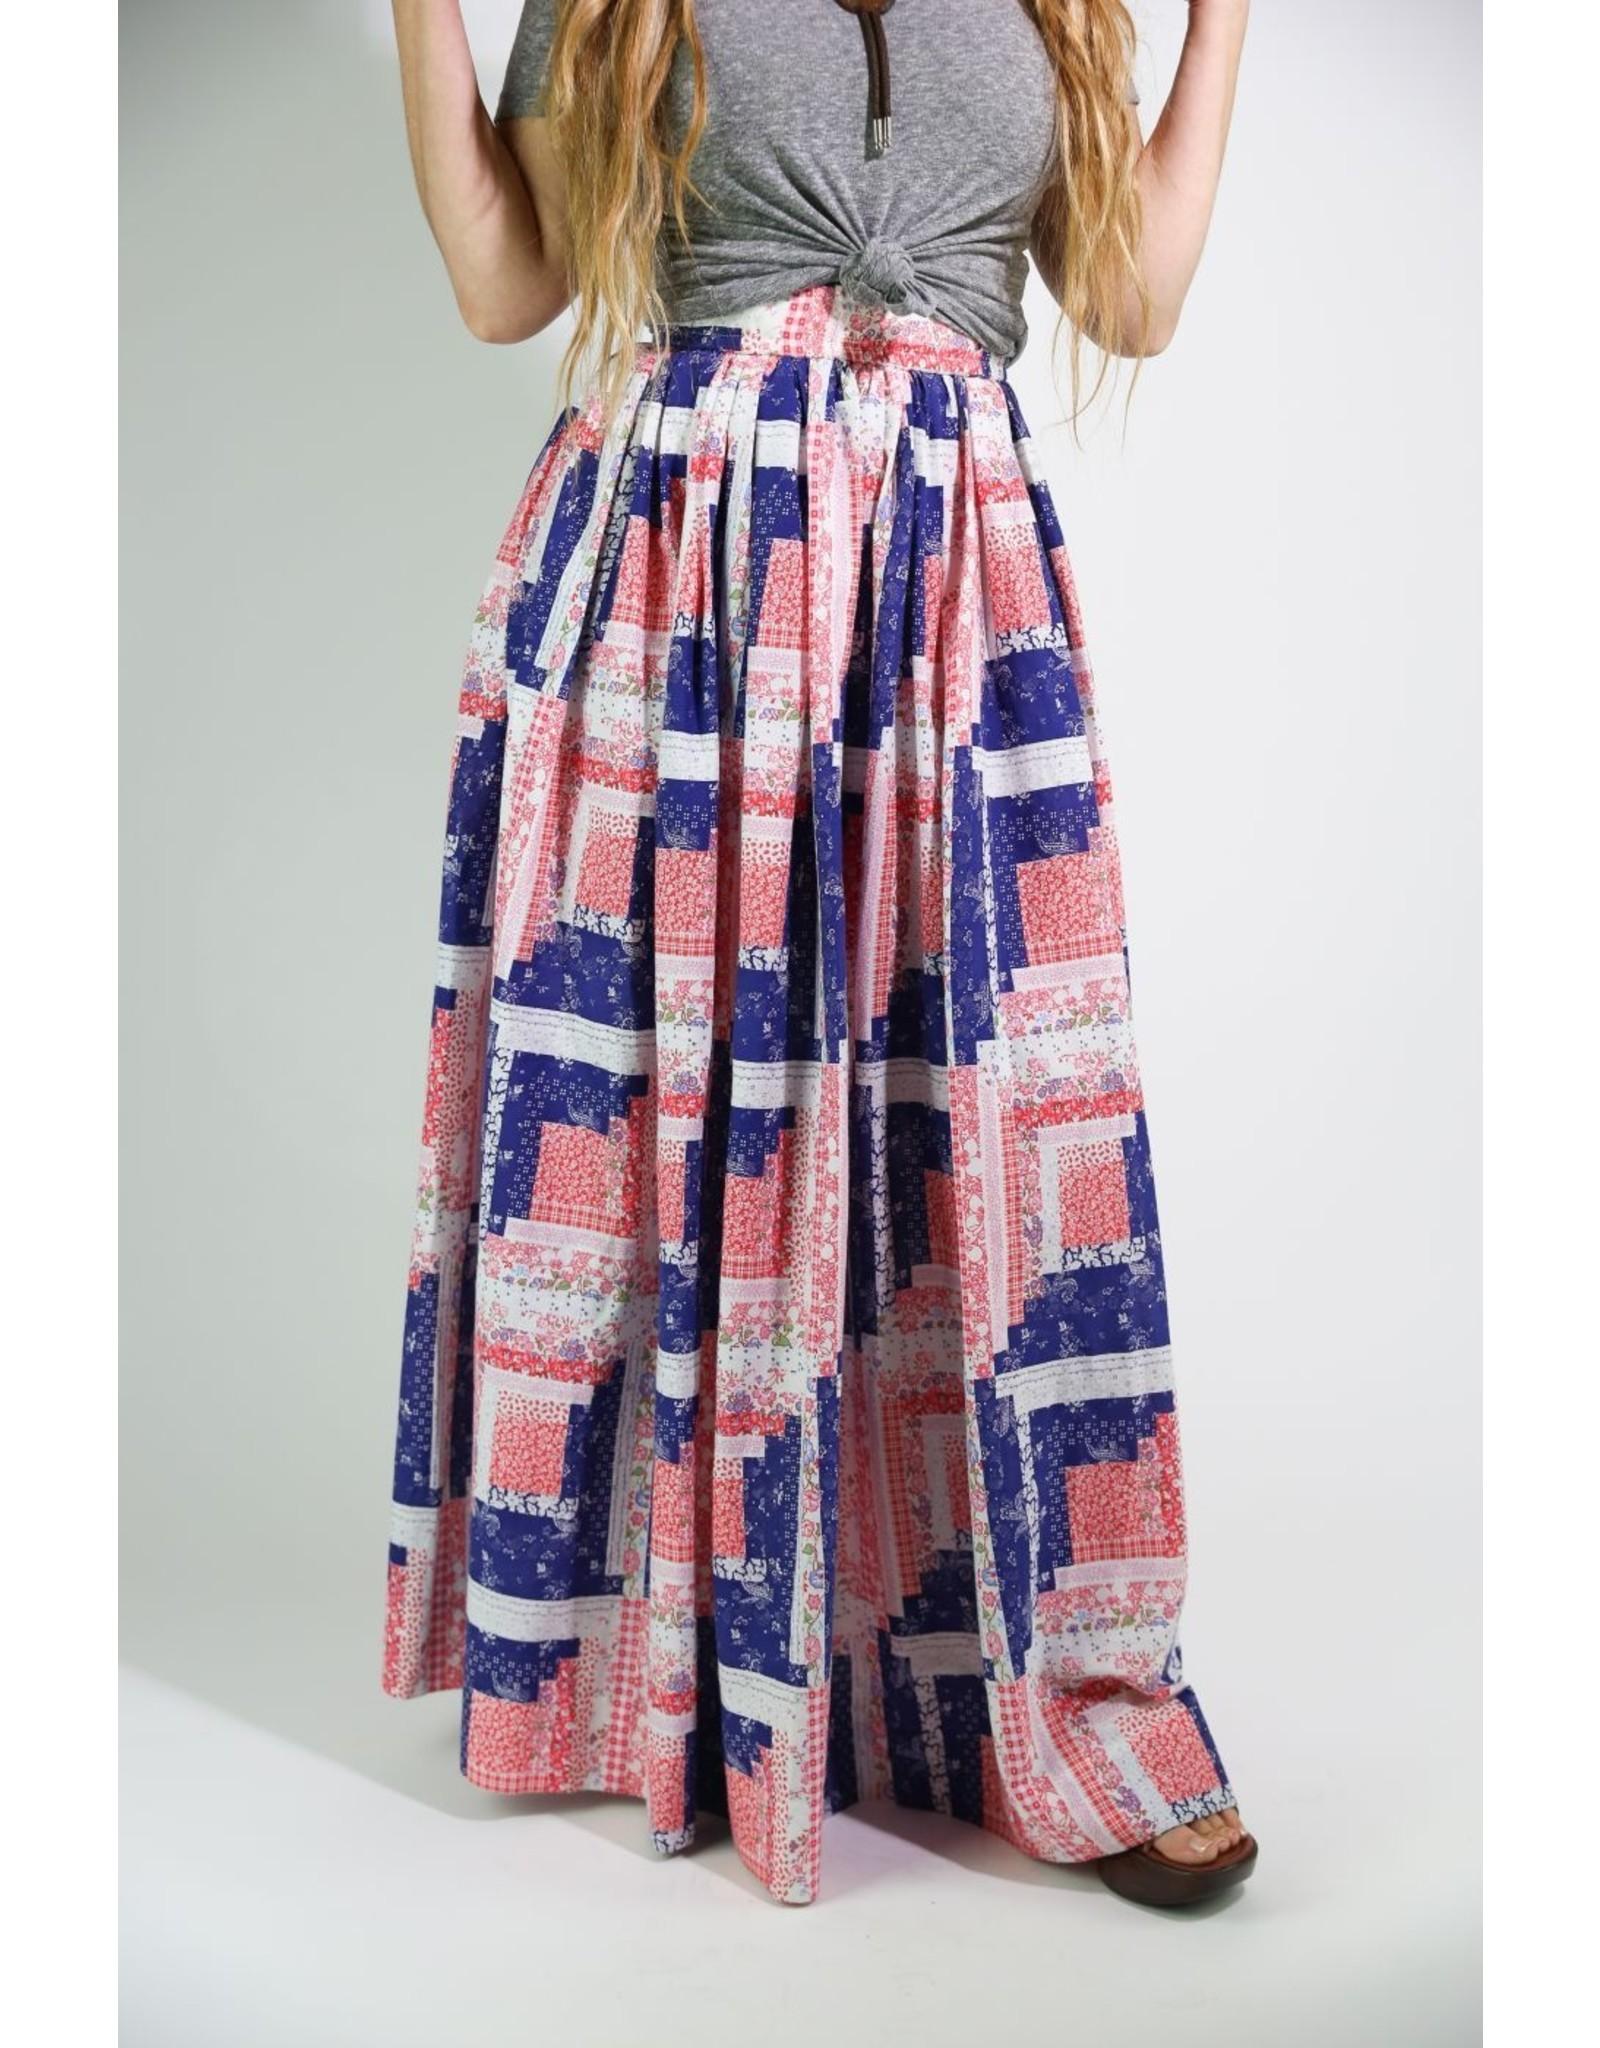 1970's Red, White & Blue Maxi Skirt